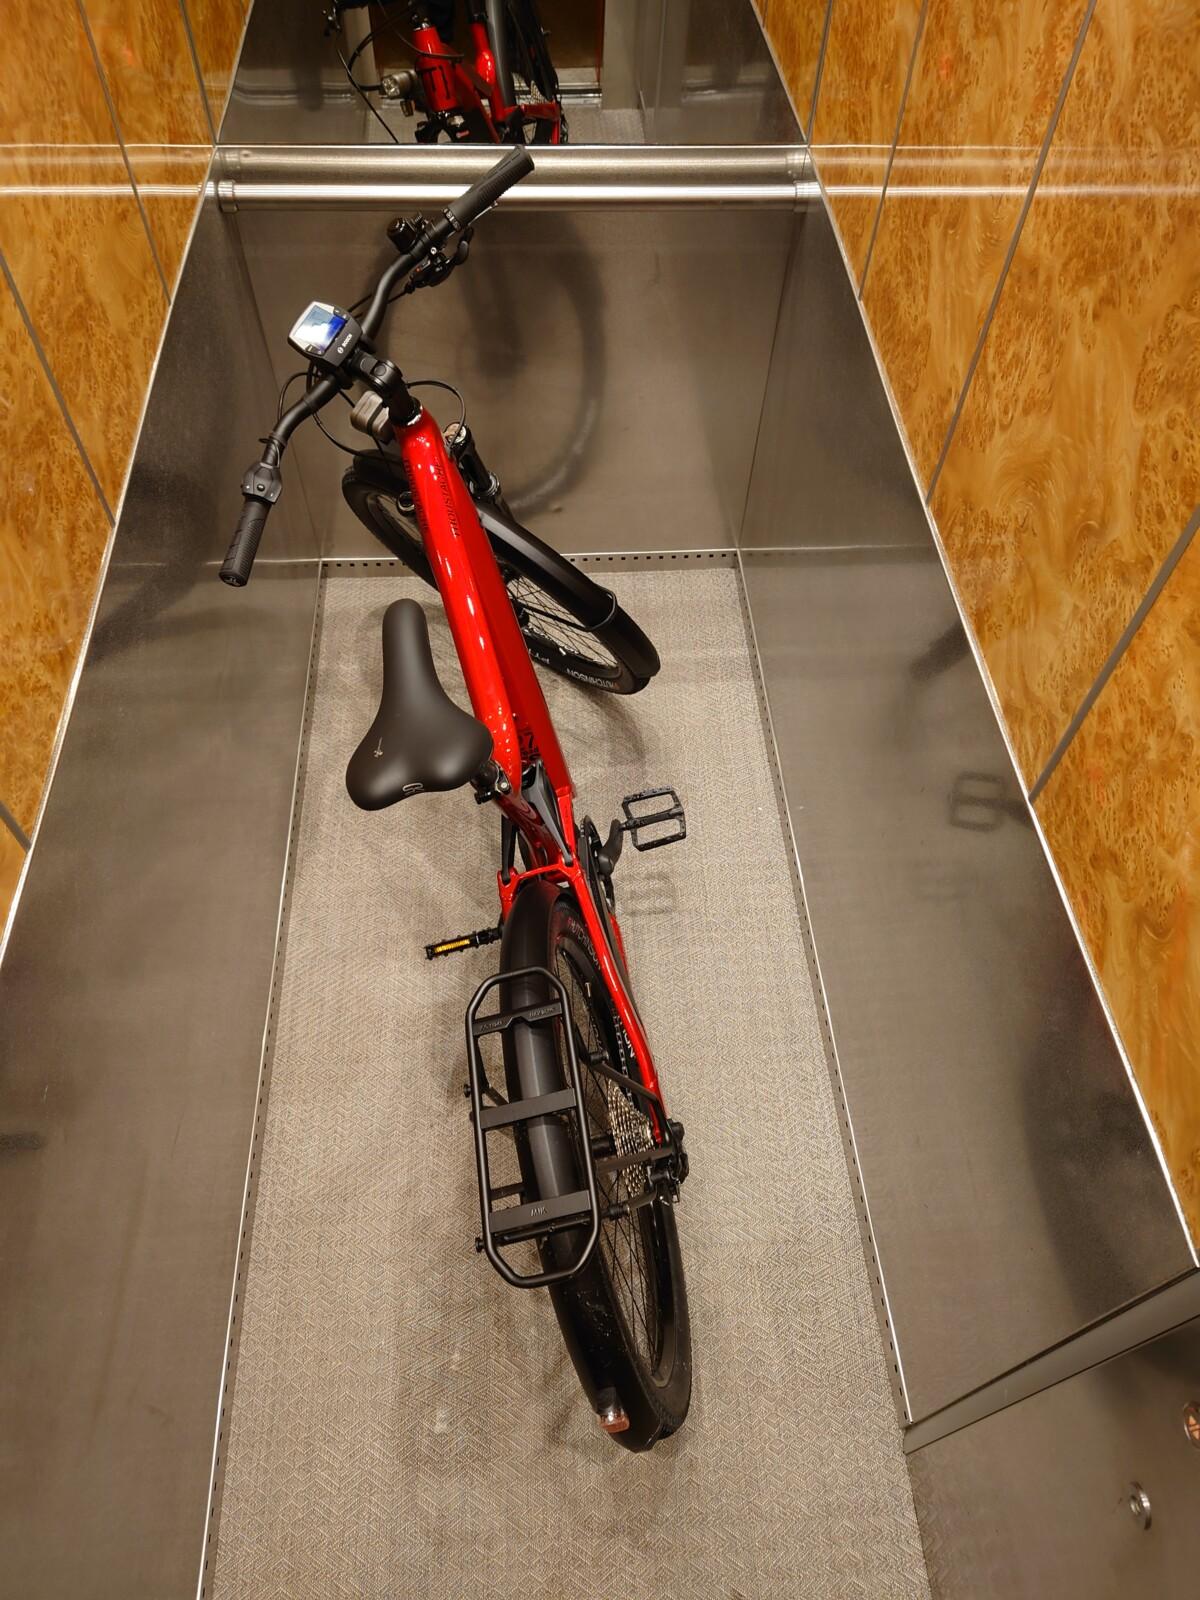 Il faudra un grand ascenseur pour faire rentrer le FS5 et ses roues de 27,5 pouces ! Sinon, ce seront presque 30 kg bien encombrants à porter.